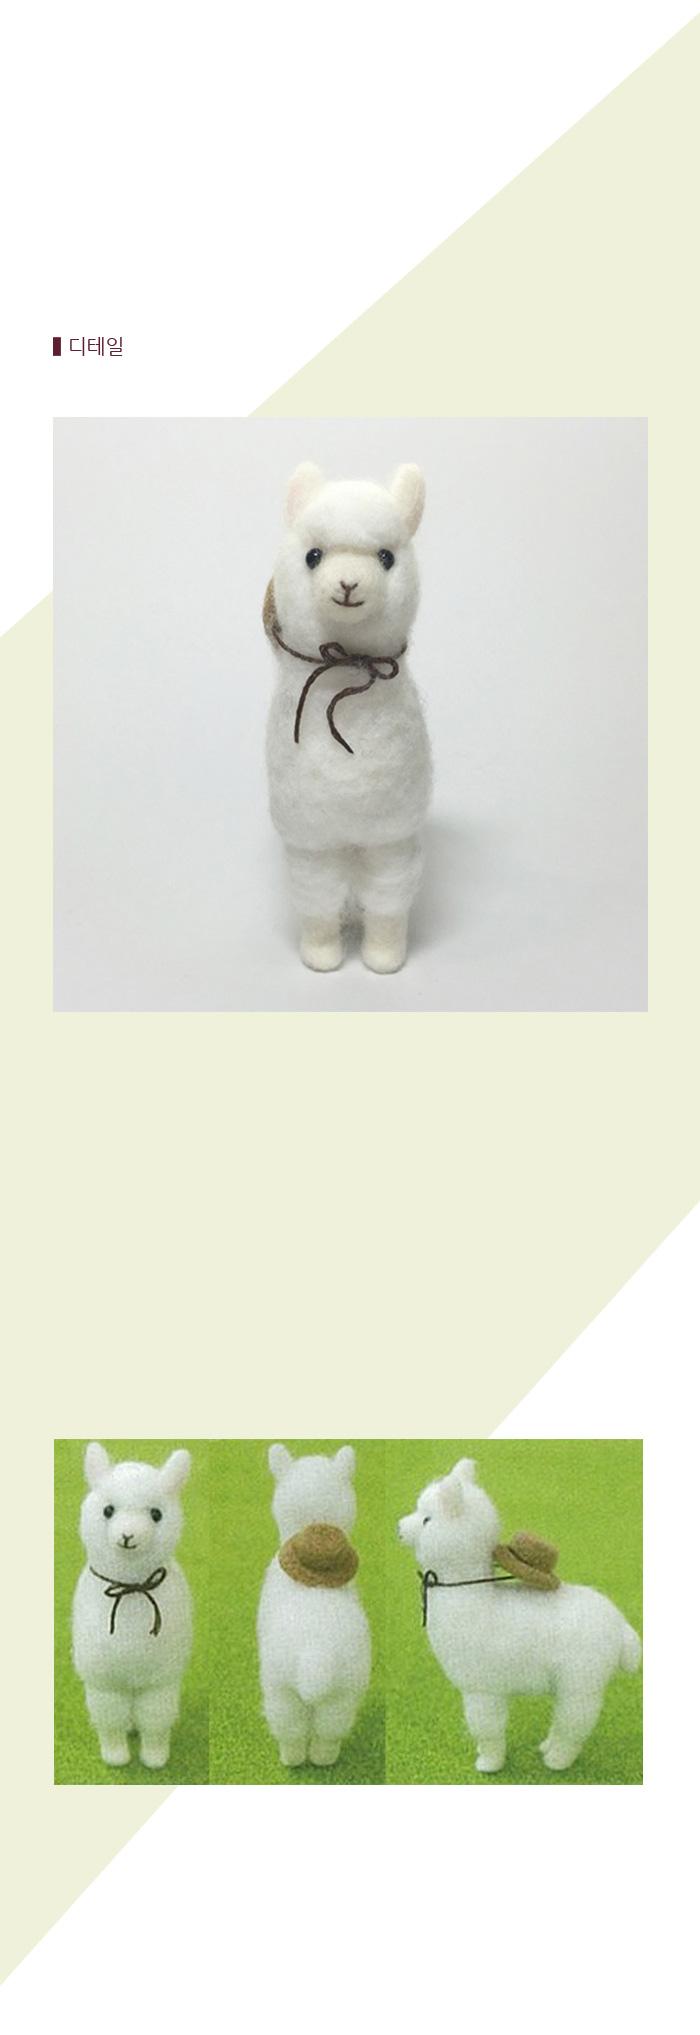 산펠트 양모 알파카 DIY KIT - 오후4시, 16,000원, 펠트공예, 펠트인형 패키지